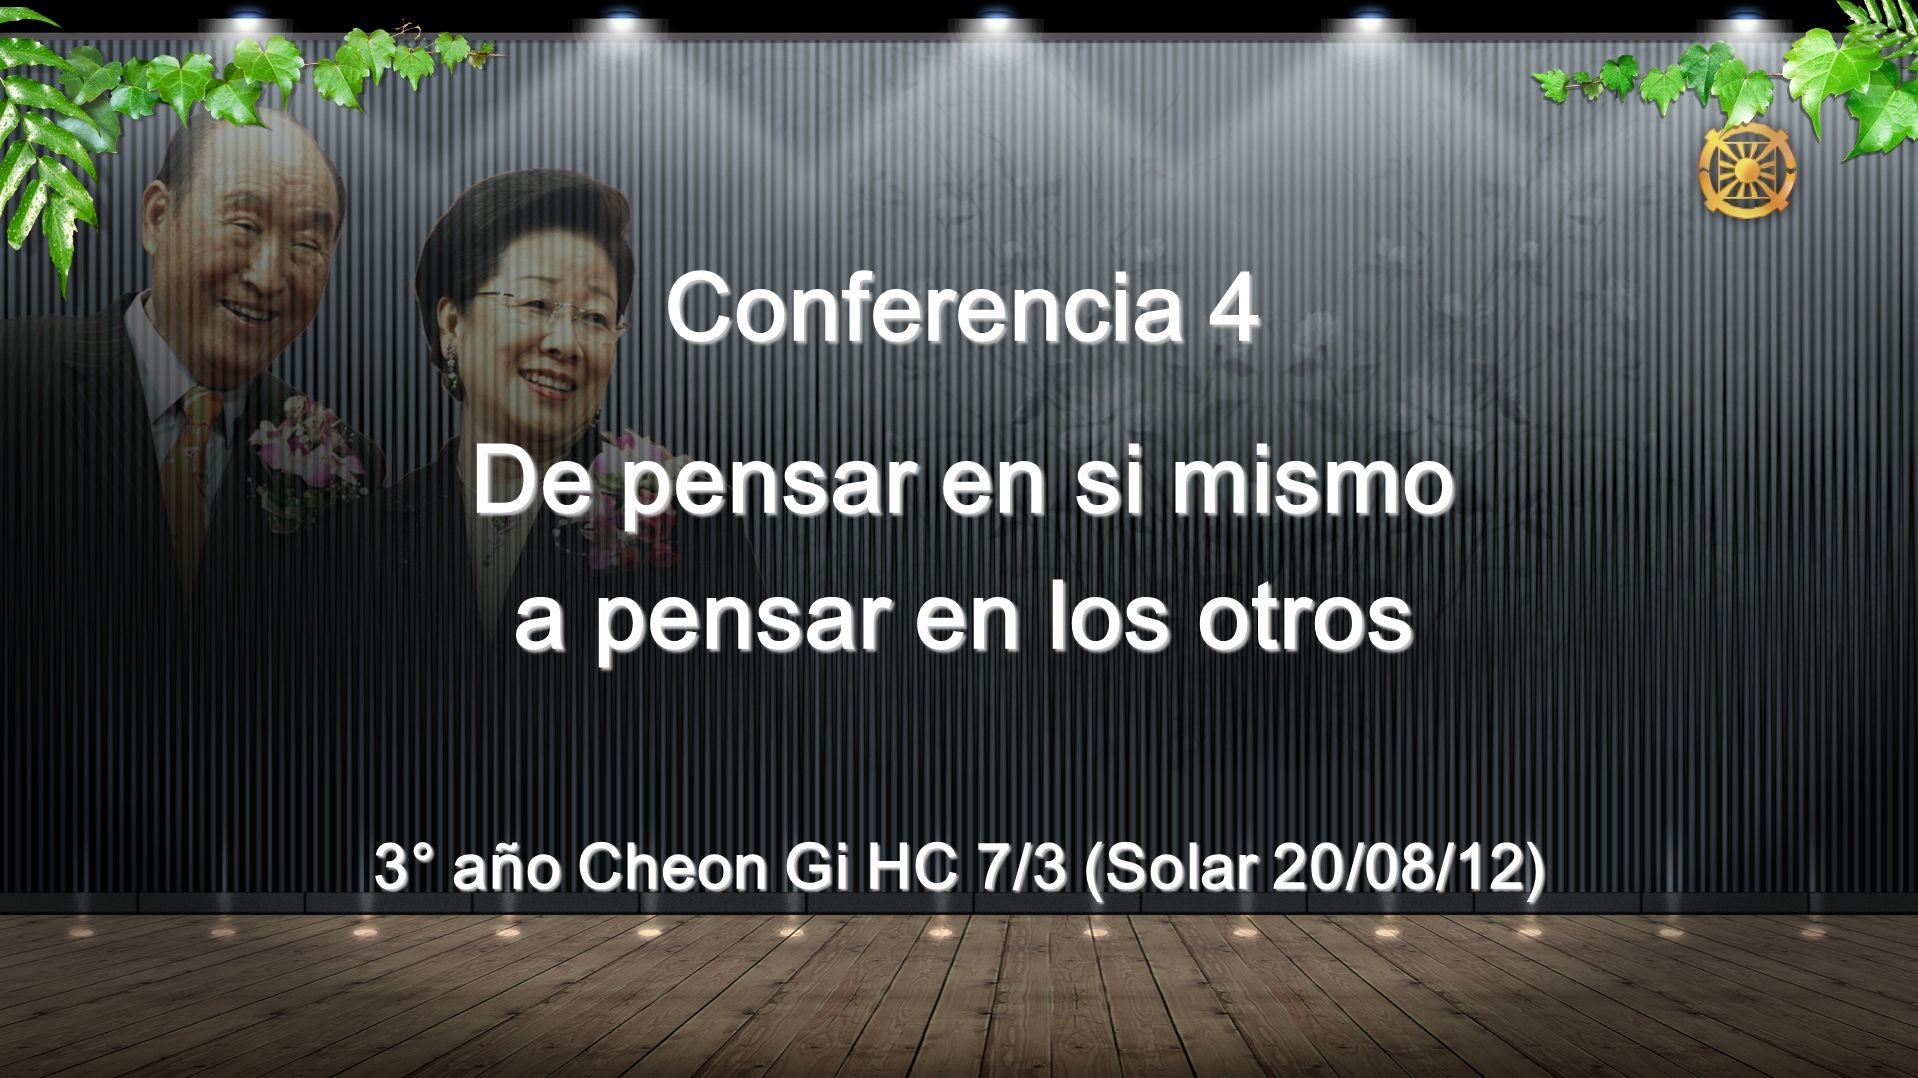 Conferencia 4 De pensar en si mismo a pensar en los otros 3° año Cheon Gi HC 7/3 (Solar 20/08/12)